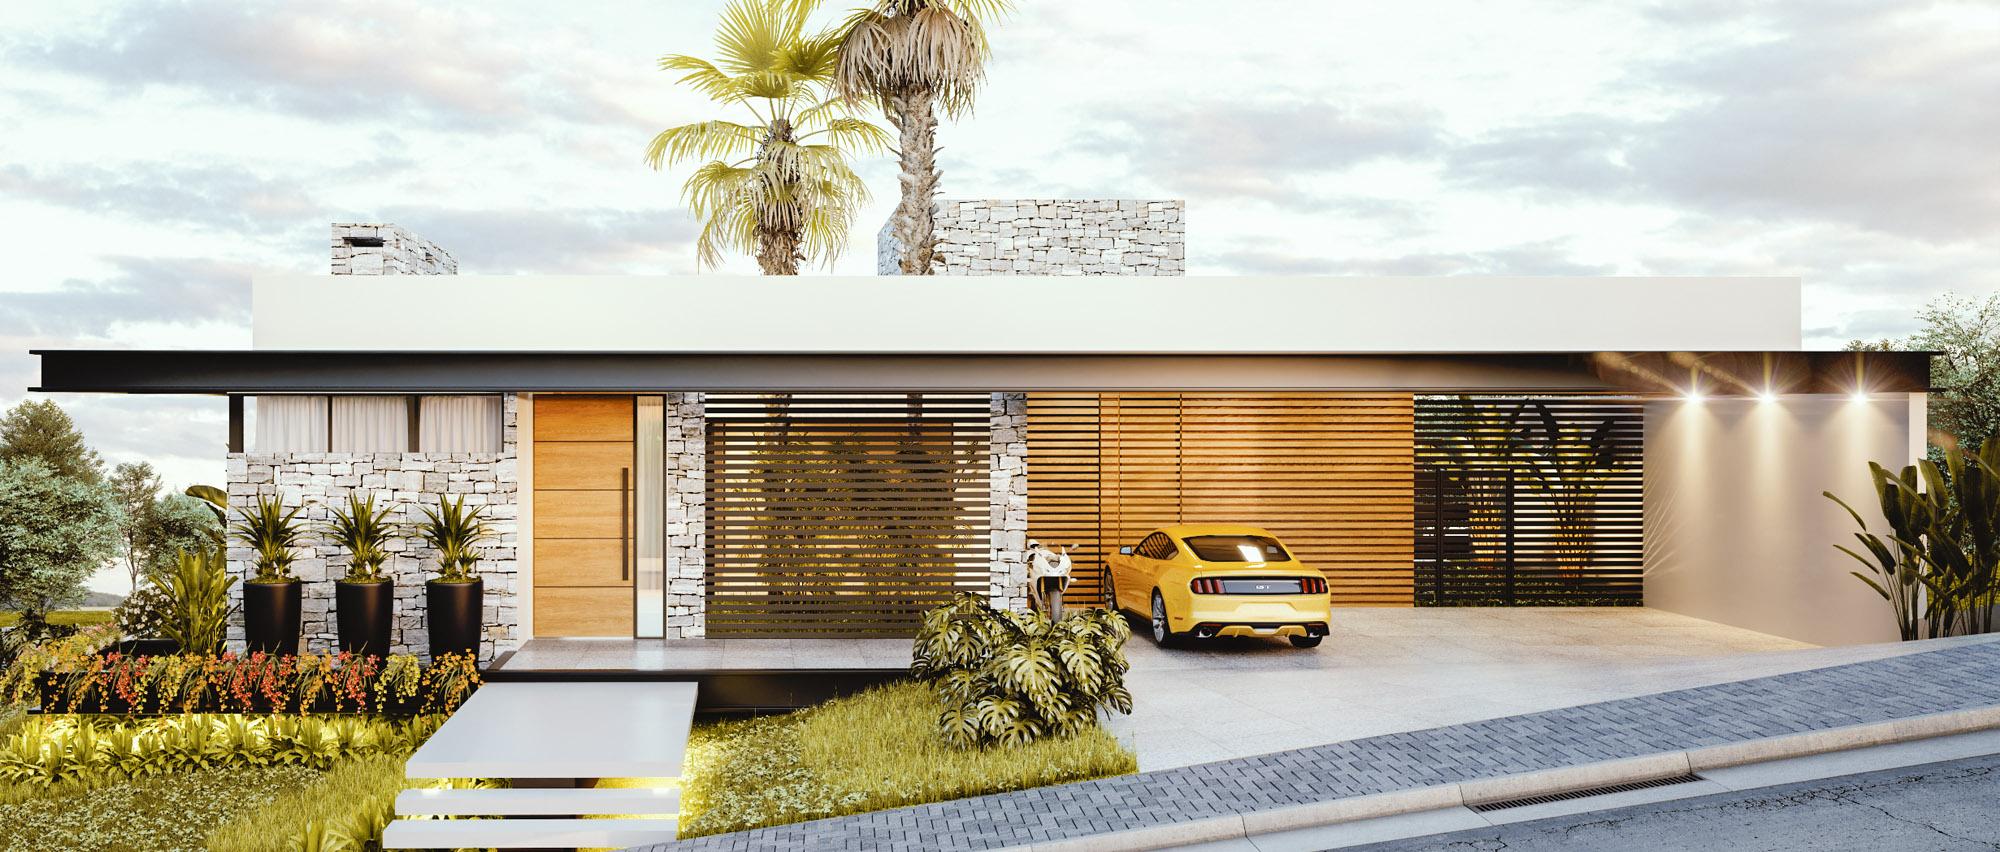 arquiteturafachada-projeto-3d-projeto-casa-engenhariamaquete-eletronicaapresentacao